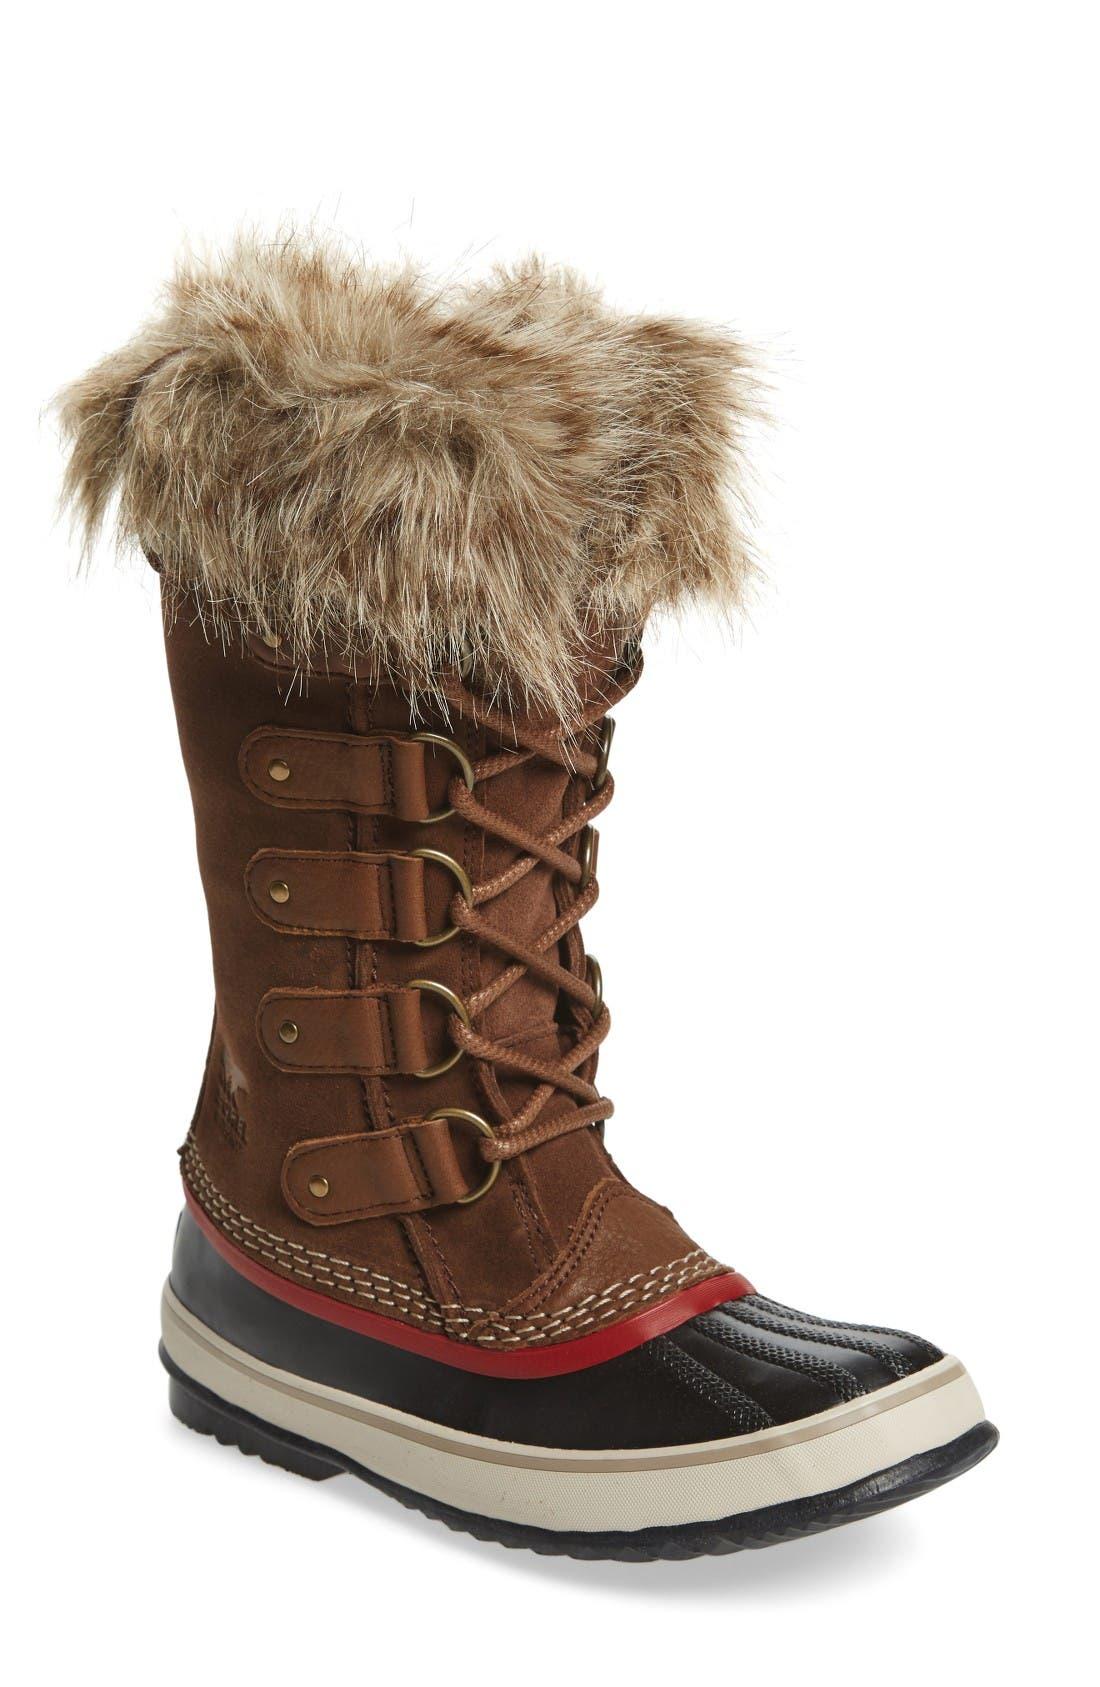 SOREL 'Joan of Arctic' Waterproof Snow Boot